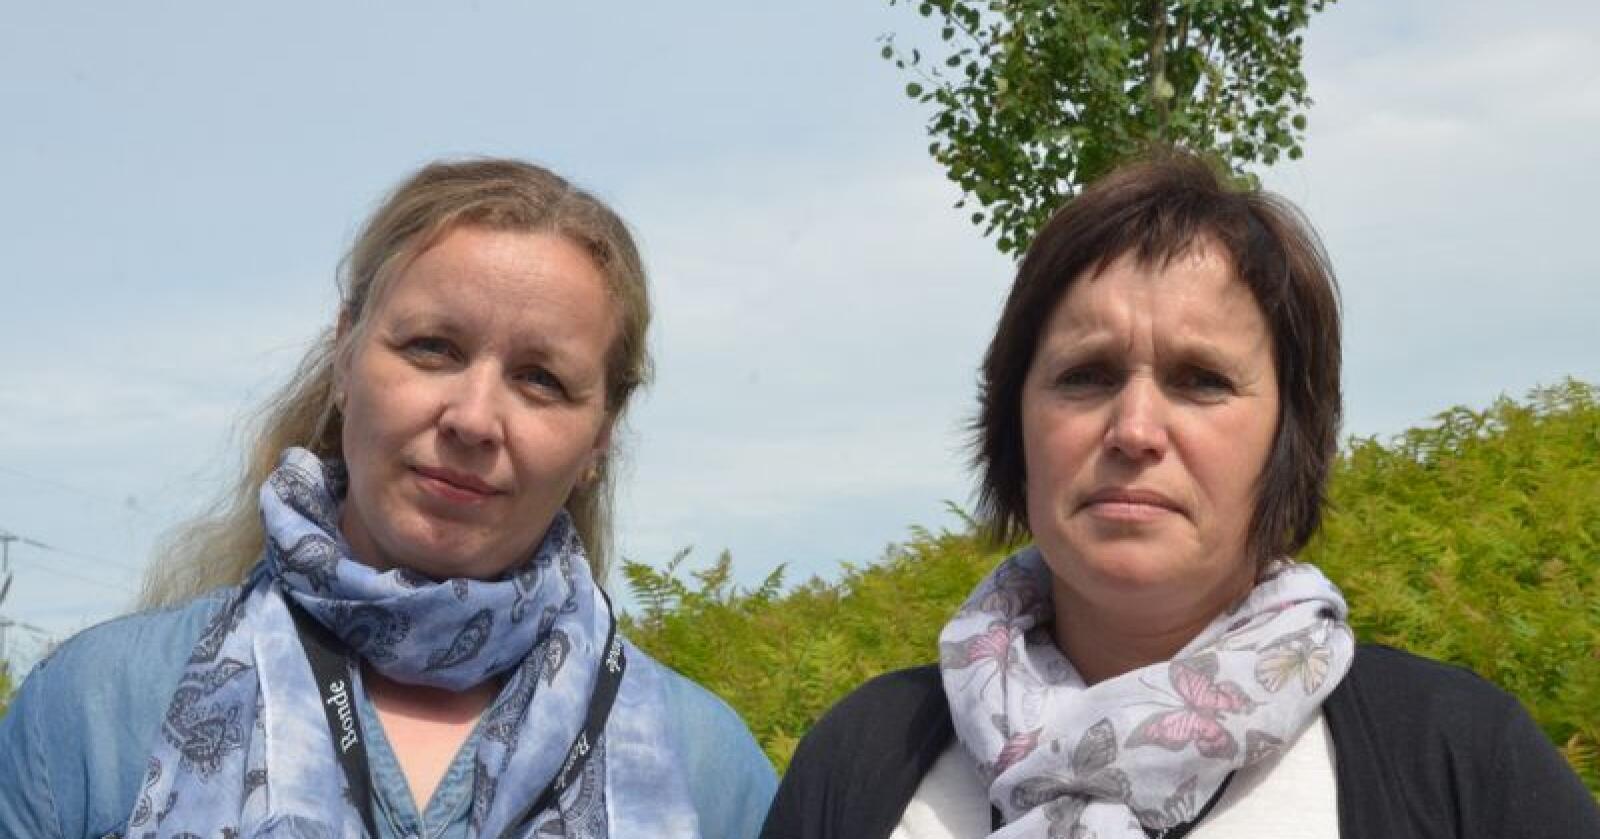 Går sammen: Fylkeslederne Borgny Grande i Nord-Trøndelag (til venstre) og Kari Åker i Sør-Trøndelag er godt i gang med samarbeidet, og vil slå seg sammen i ett Trøndelag Bondelag for å beholde slagkraften. (Foto: Stian Eide)